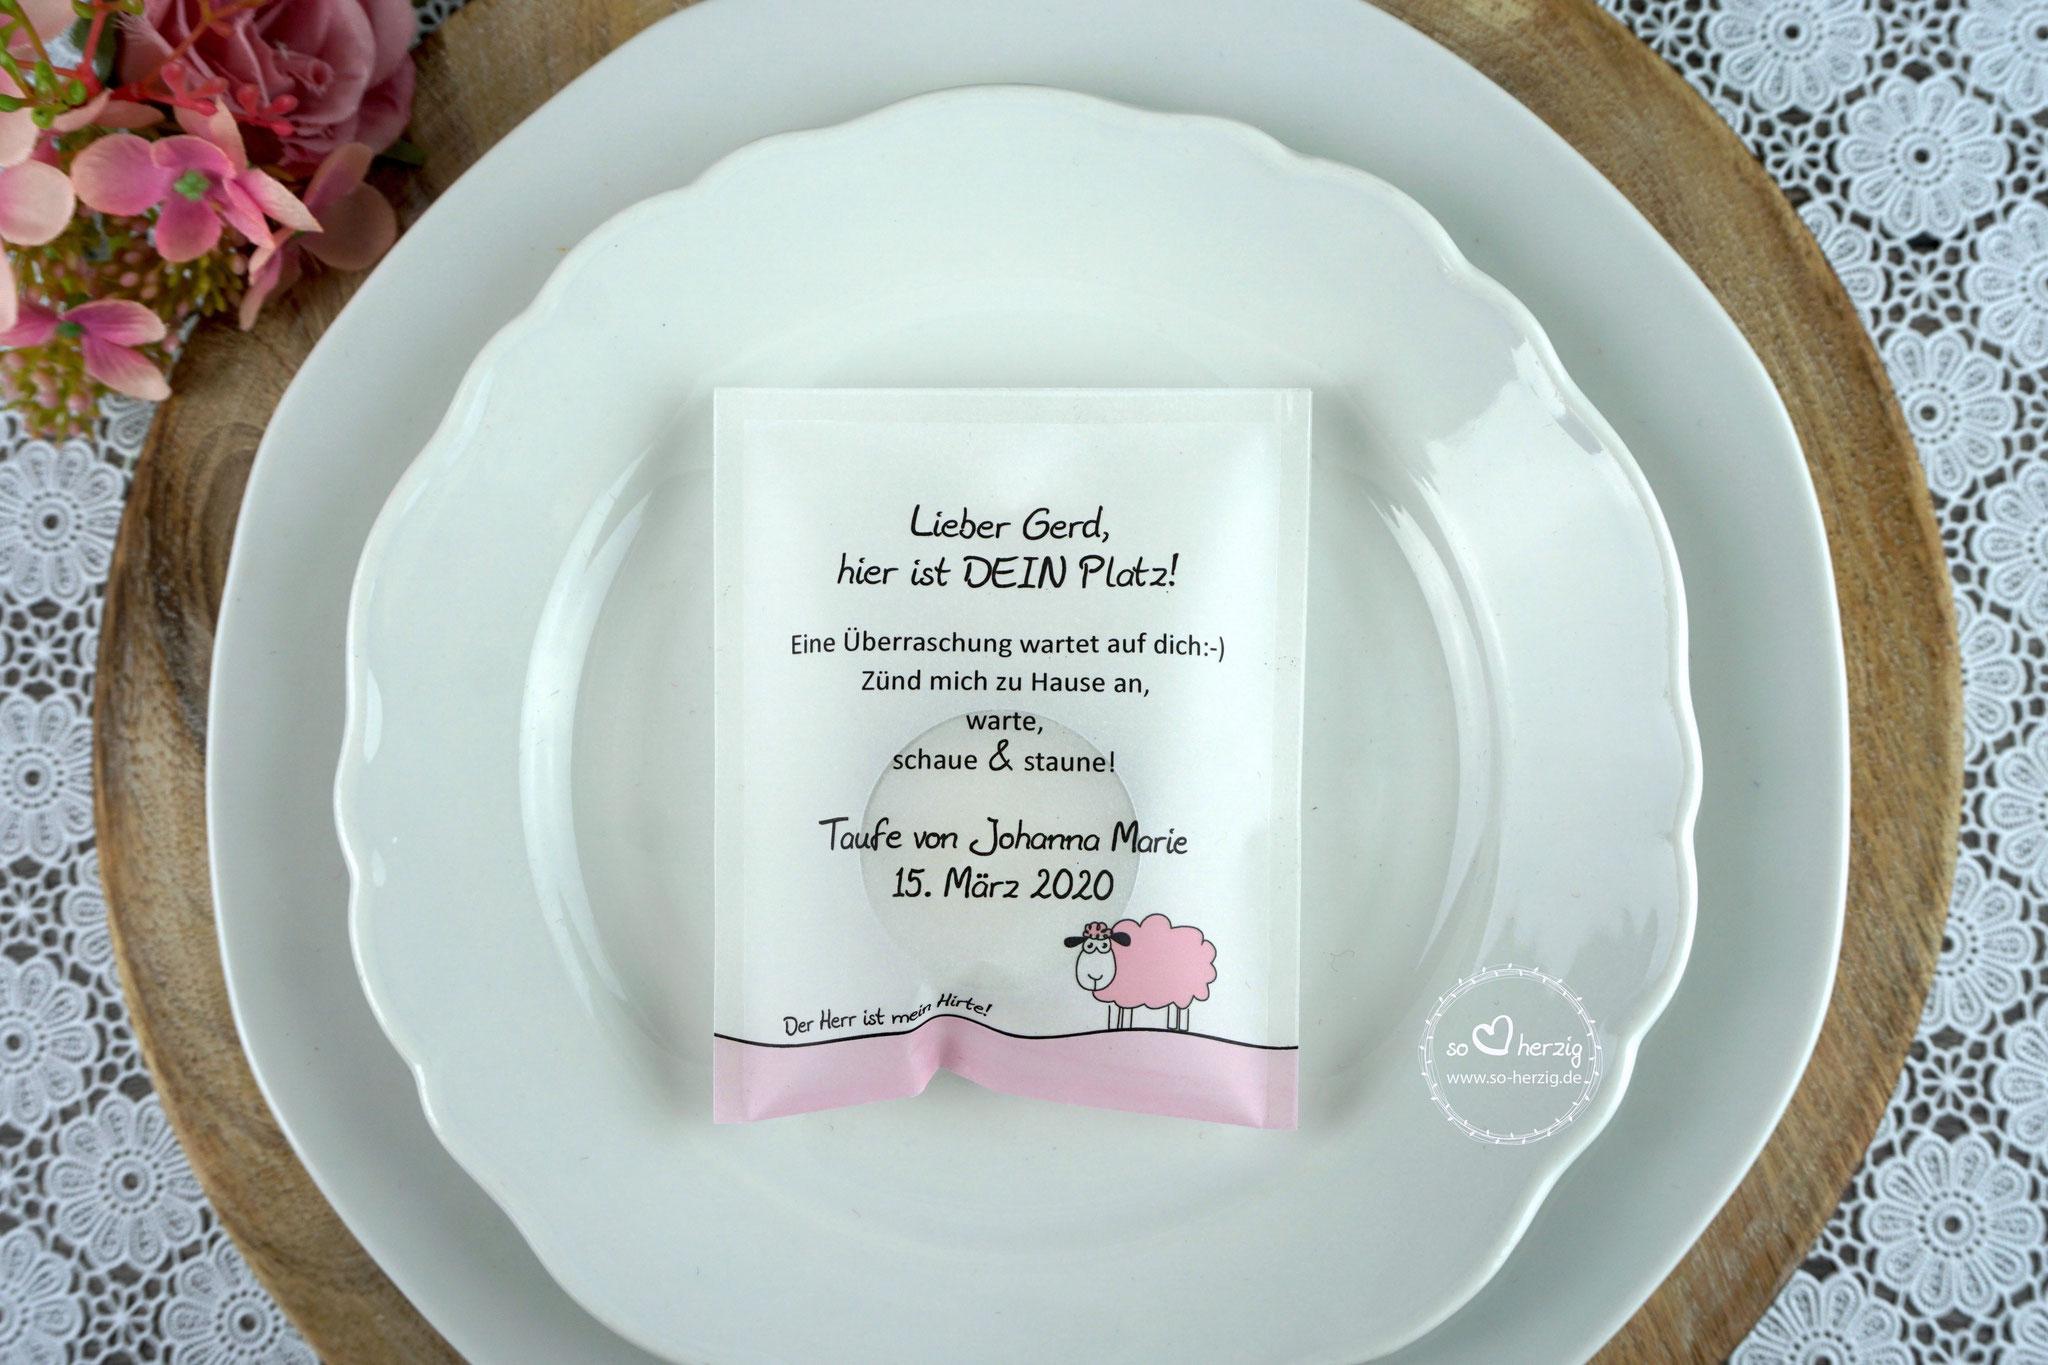 """Licht-Botschaft """"Verpackung als Platzkarte"""", Design """"Schaf"""" rosa, Schrift Julius B Thyssen - Sonderanfertigung unterer Rand rosa"""